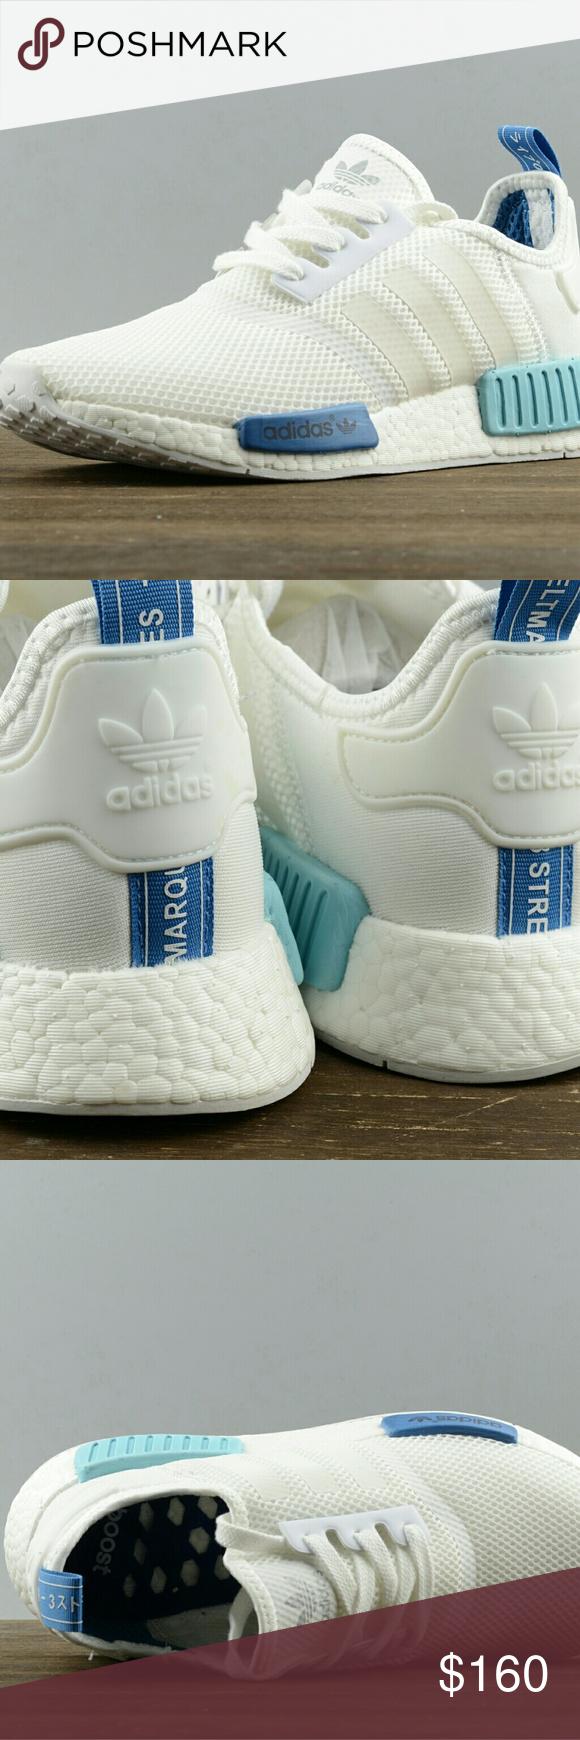 adidas nmd r1 impulso san paolo bianco blu s75235 dimensioni: 5 11; colore